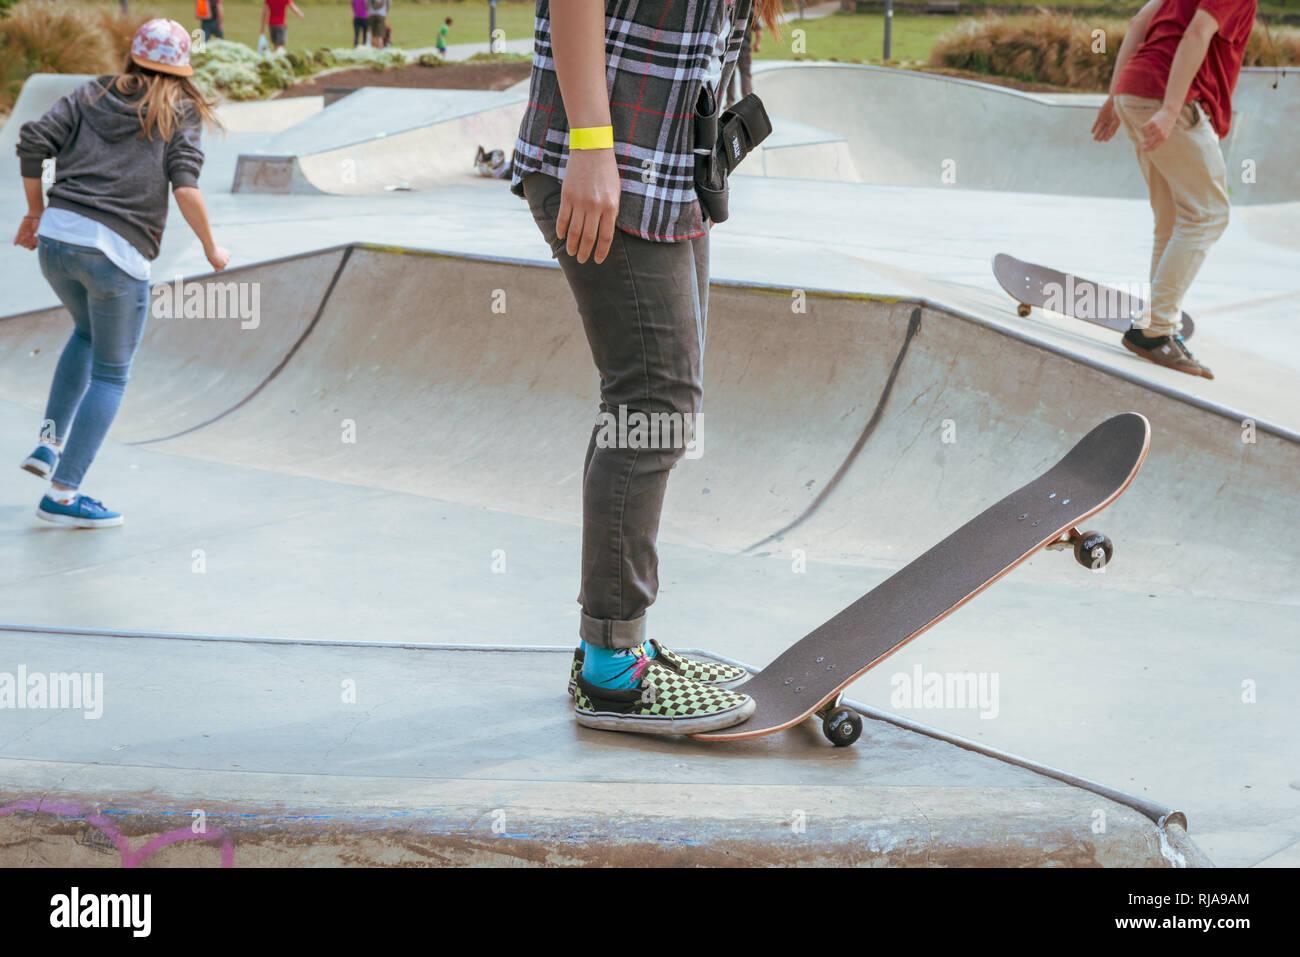 Una adolescente se prepara para skate bajar la rampa al nivel Skatepark en  Brighton 348f4ae2e1c